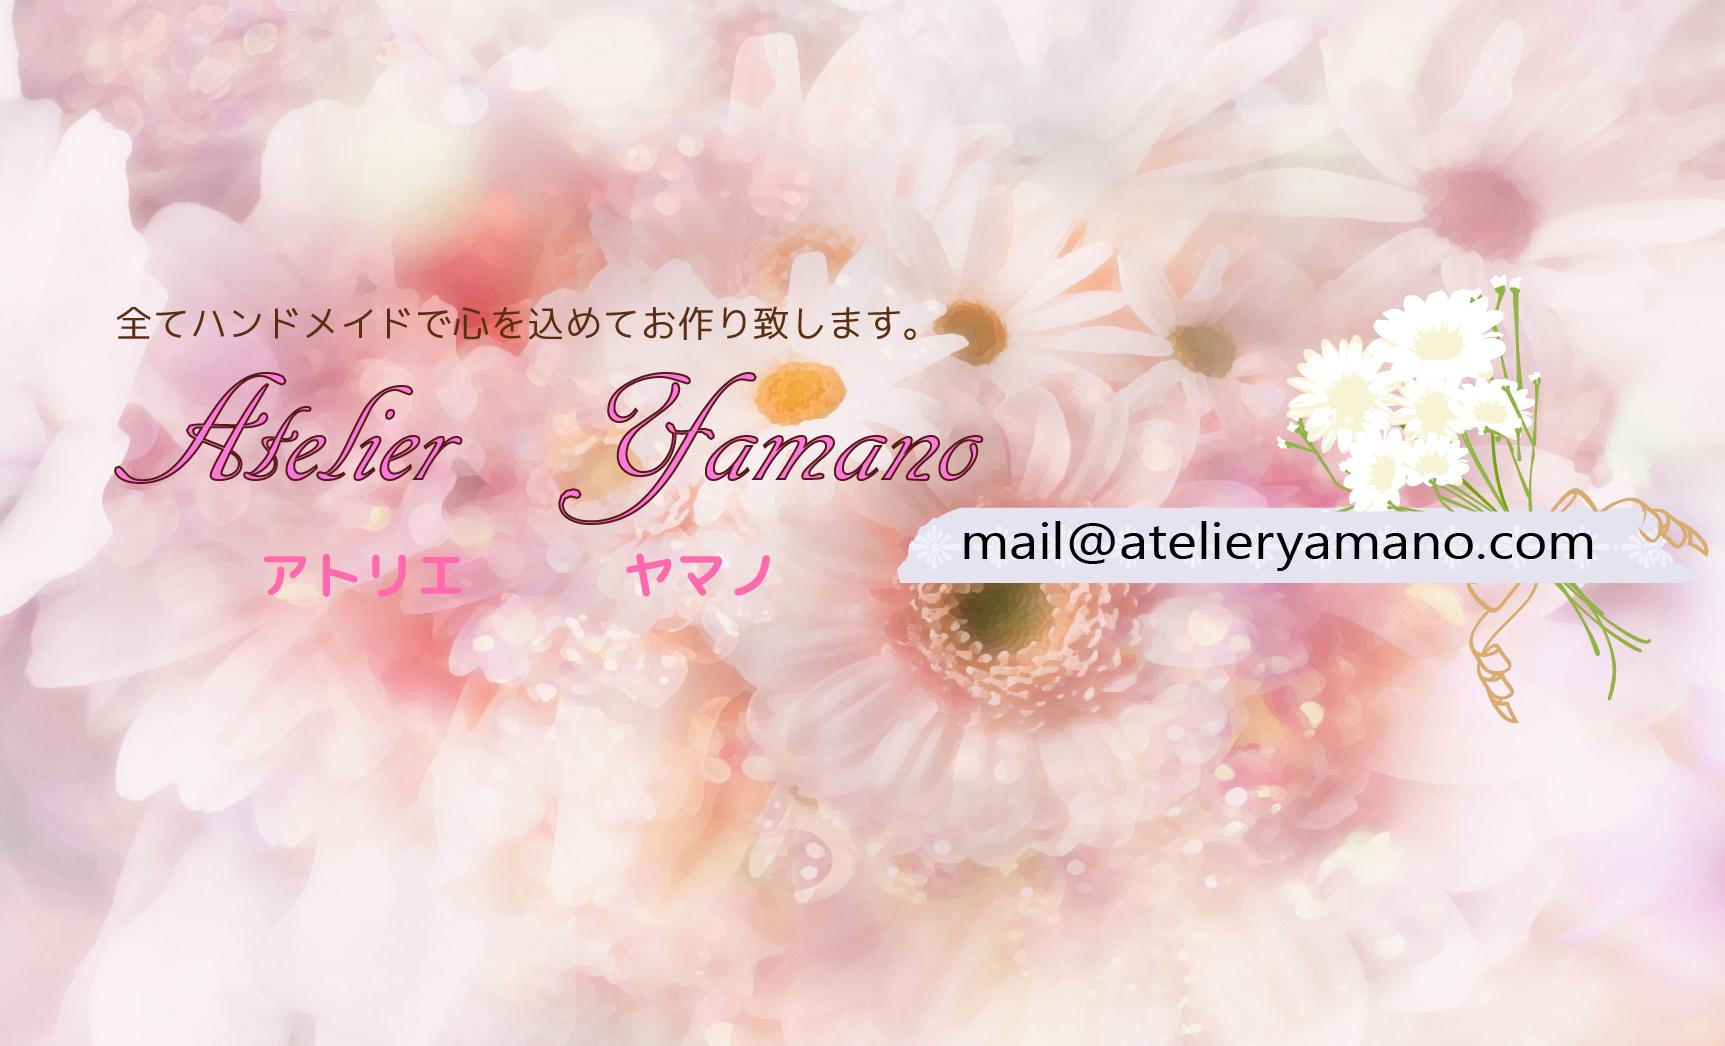 アトリエヤマノTOPページ画像